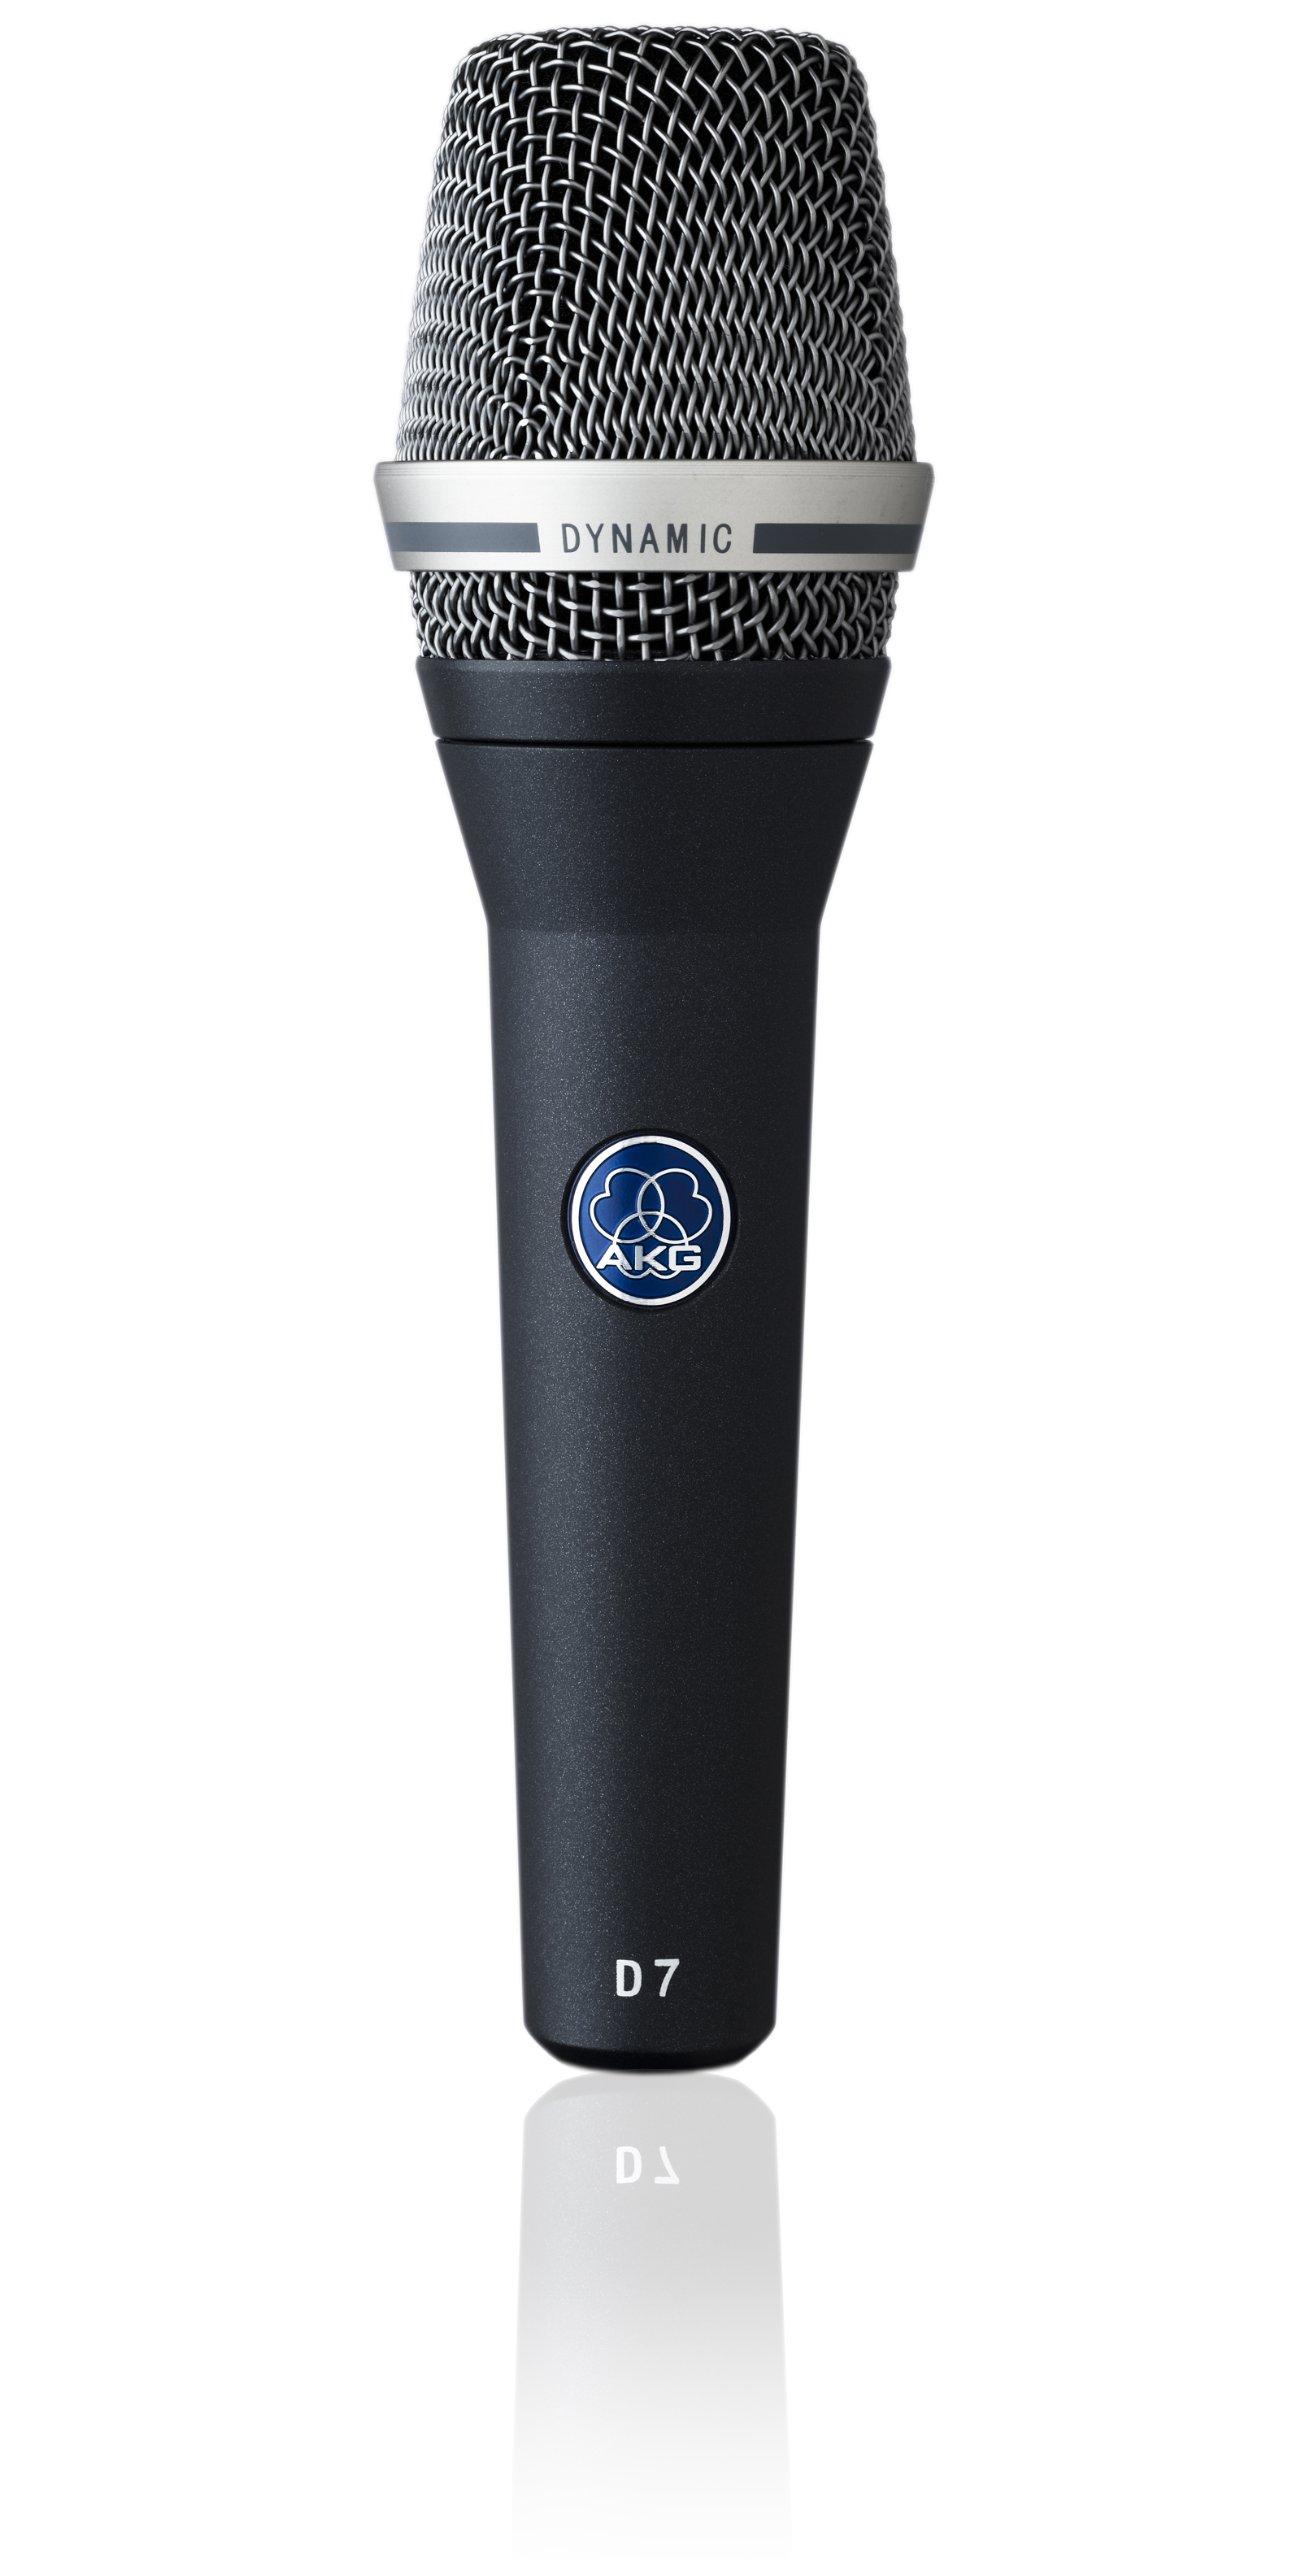 Microfono AKG D7 Professional Dynamic ...